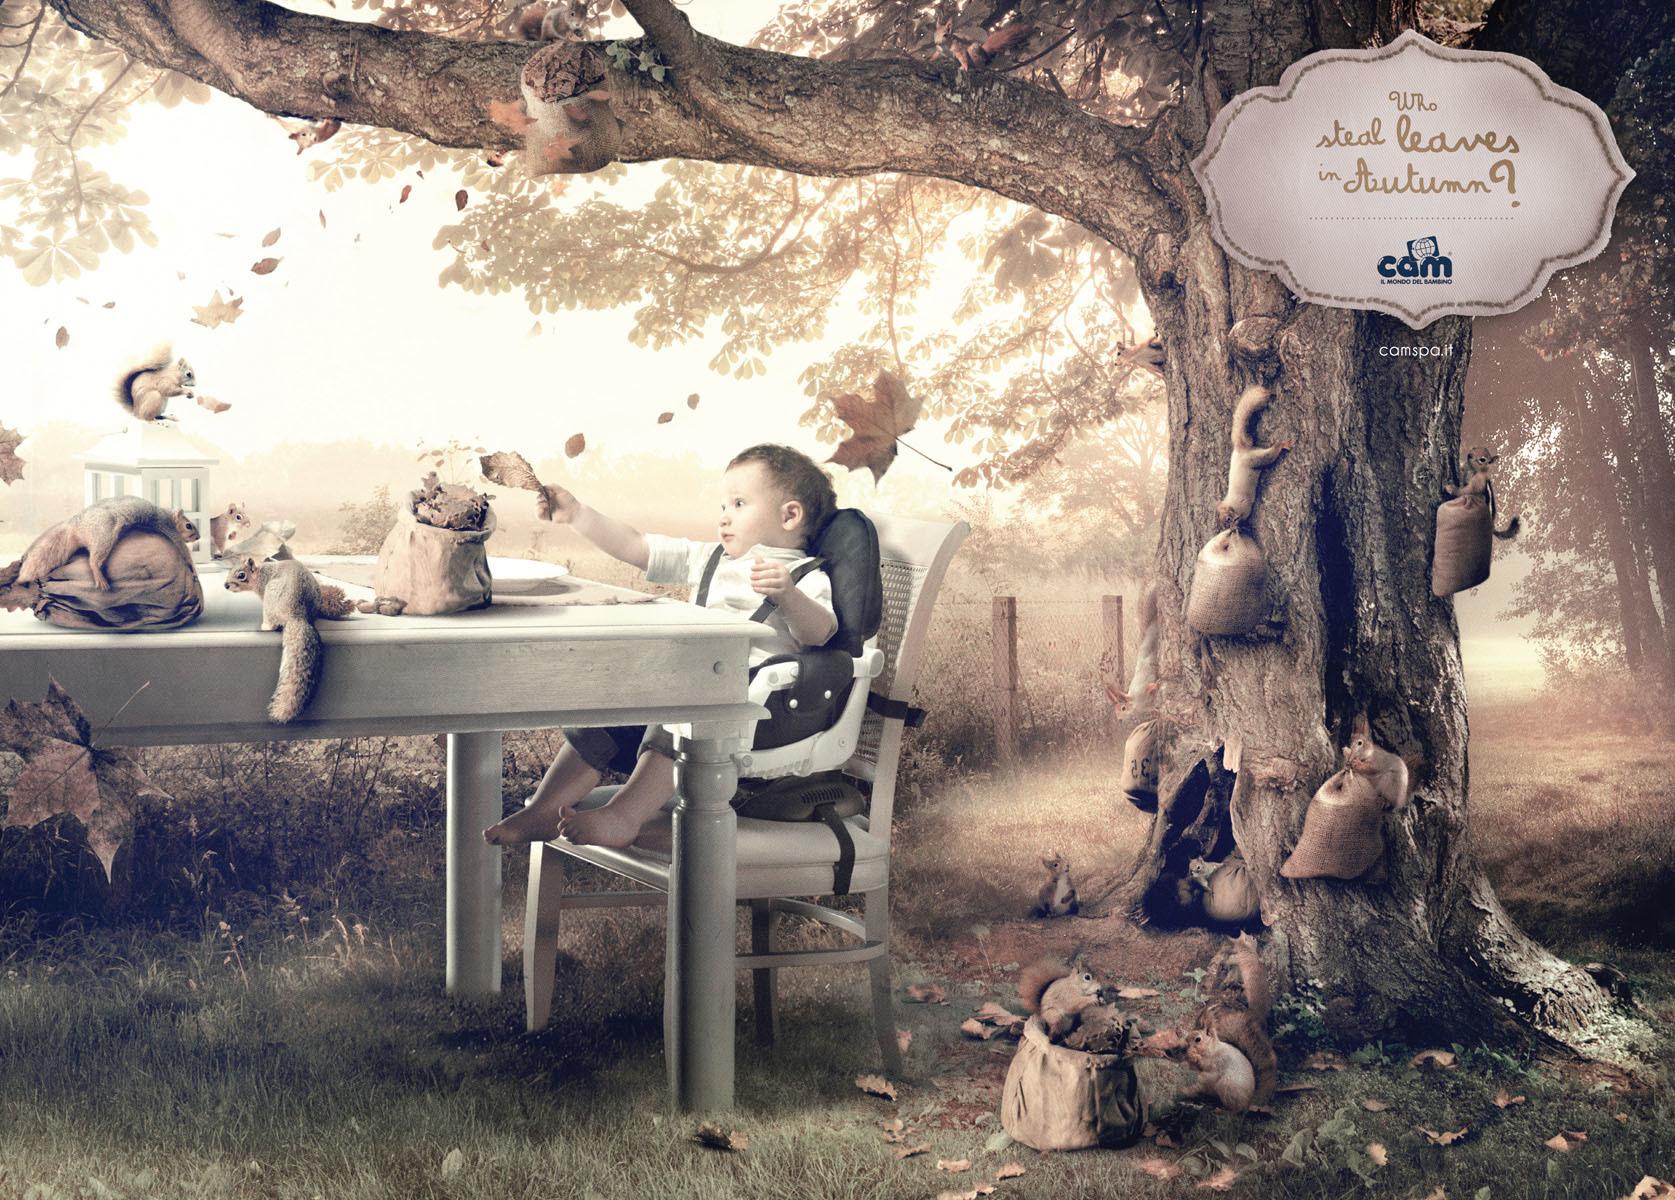 Cam婴儿用品广告创意海报 欣赏-第5张